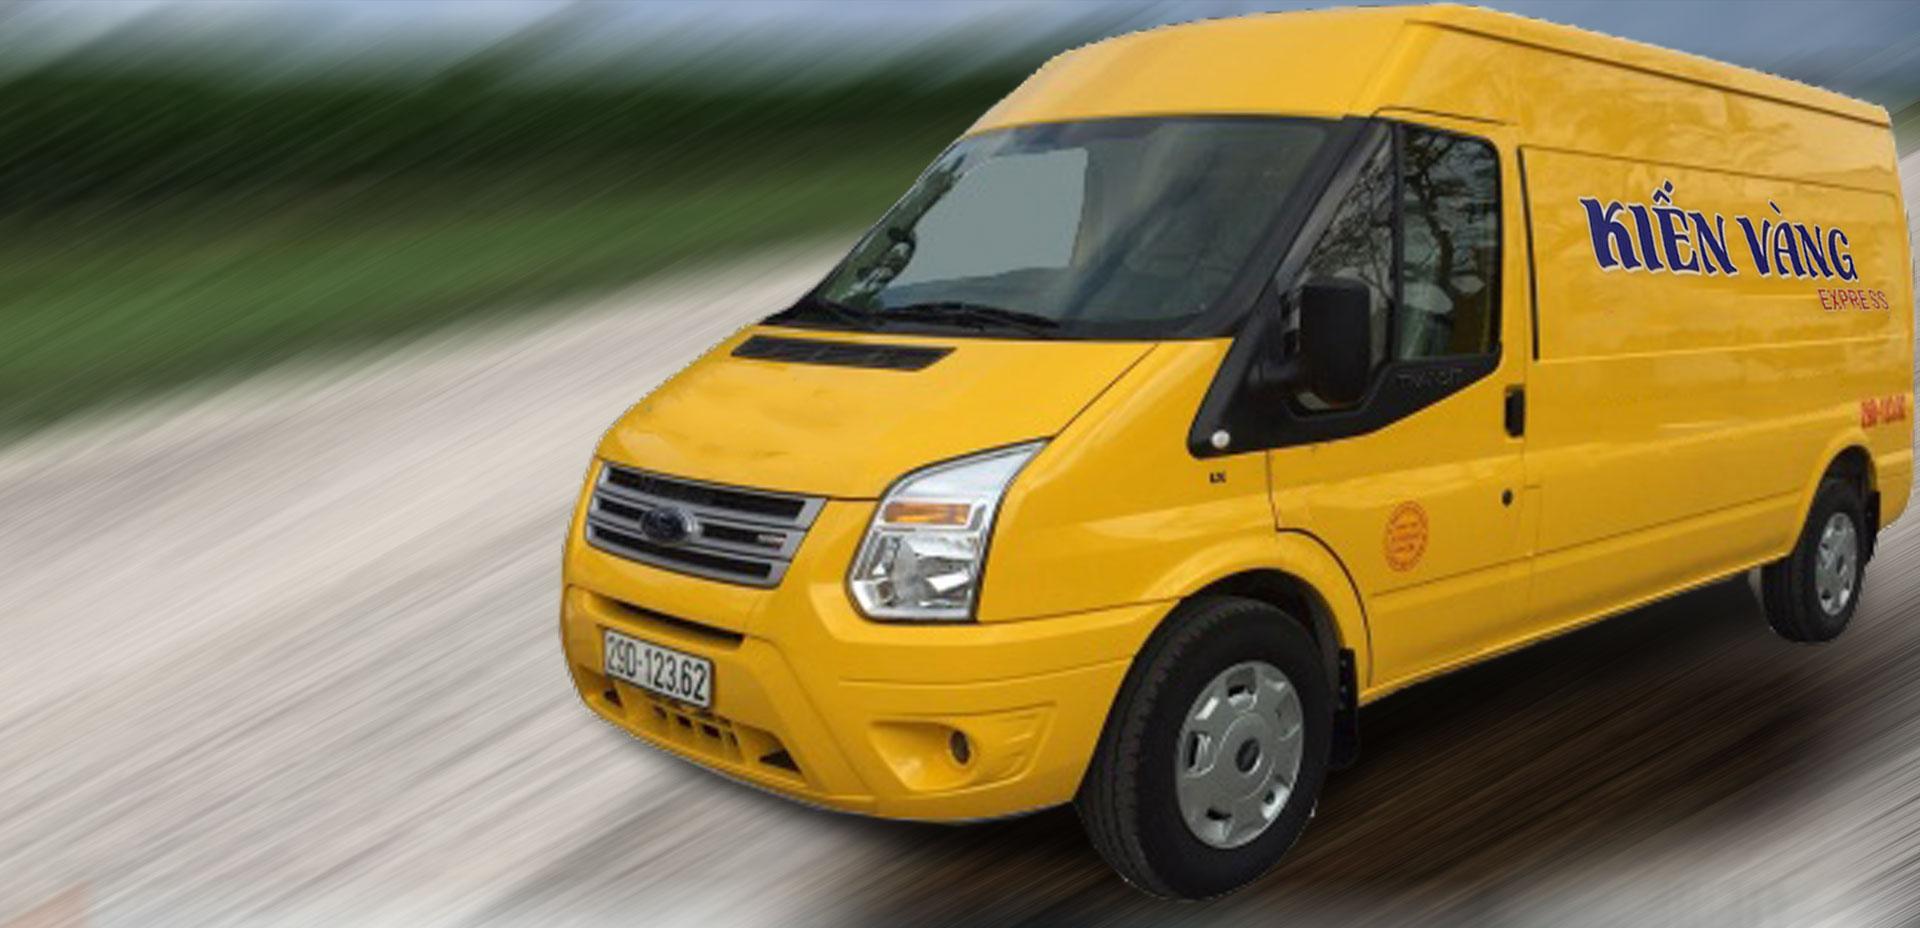 Taxi tải Kiến Vàng Group